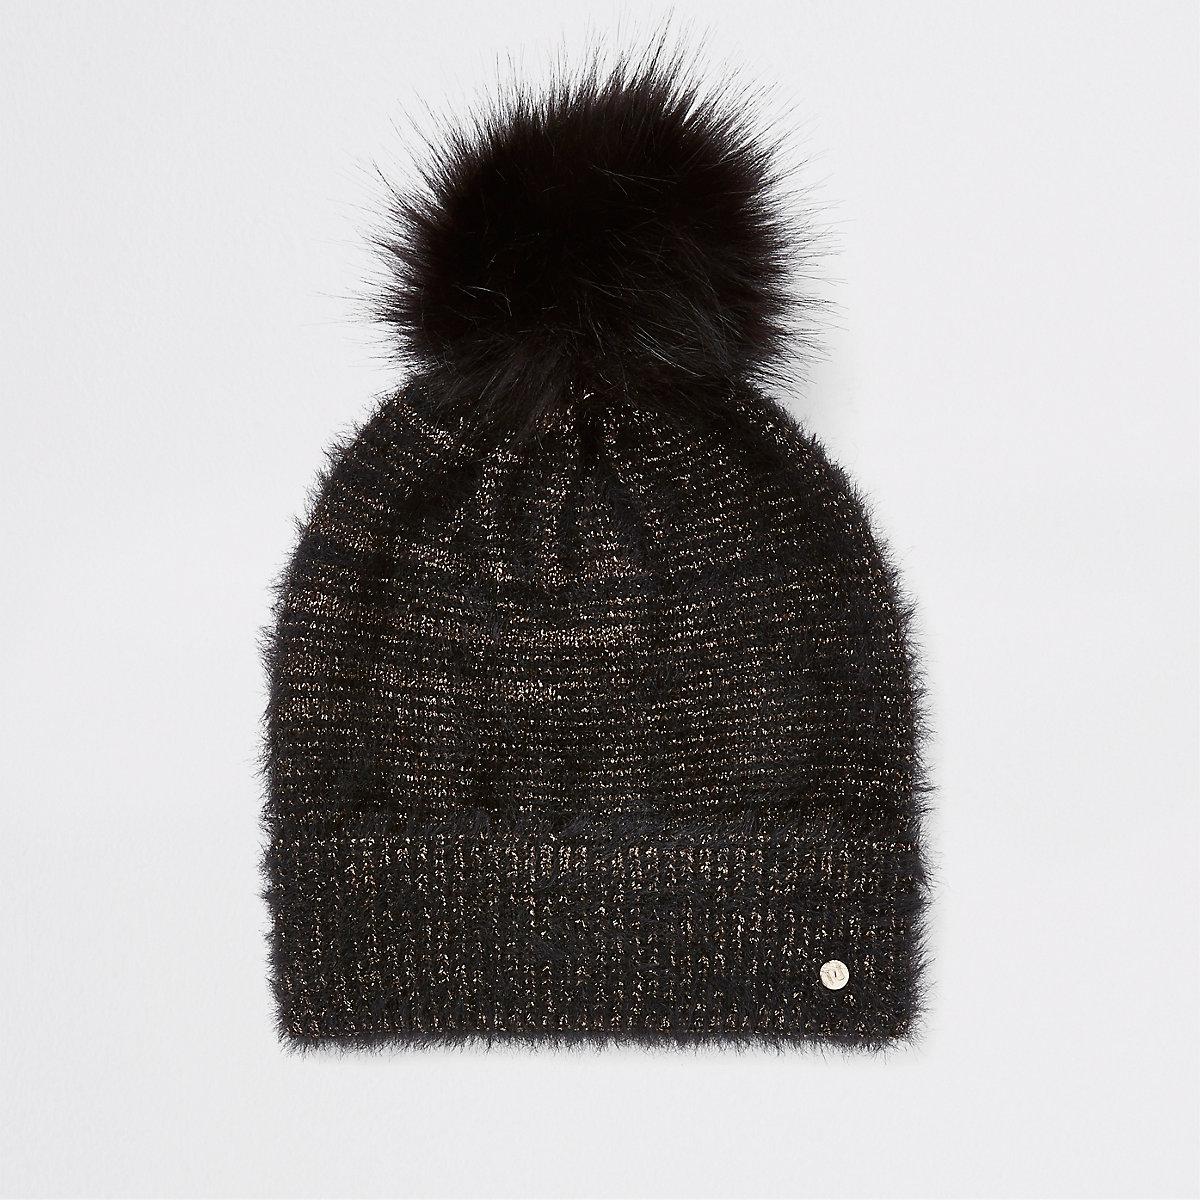 Black gold threaded faux fur beanie hat